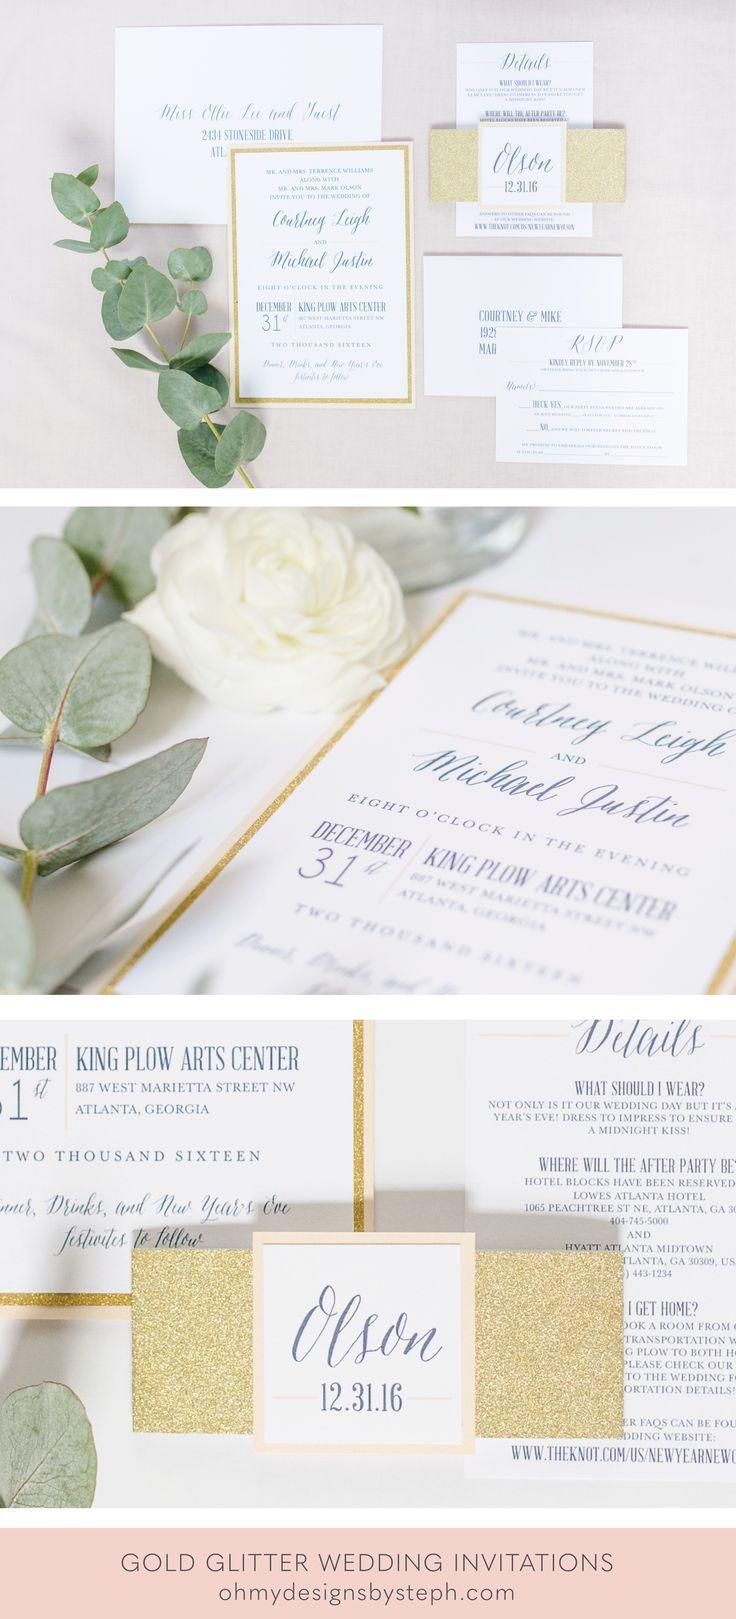 Glitter Glam Wedding Invitations   \'Wedding Ideas & Wedding Tips ...